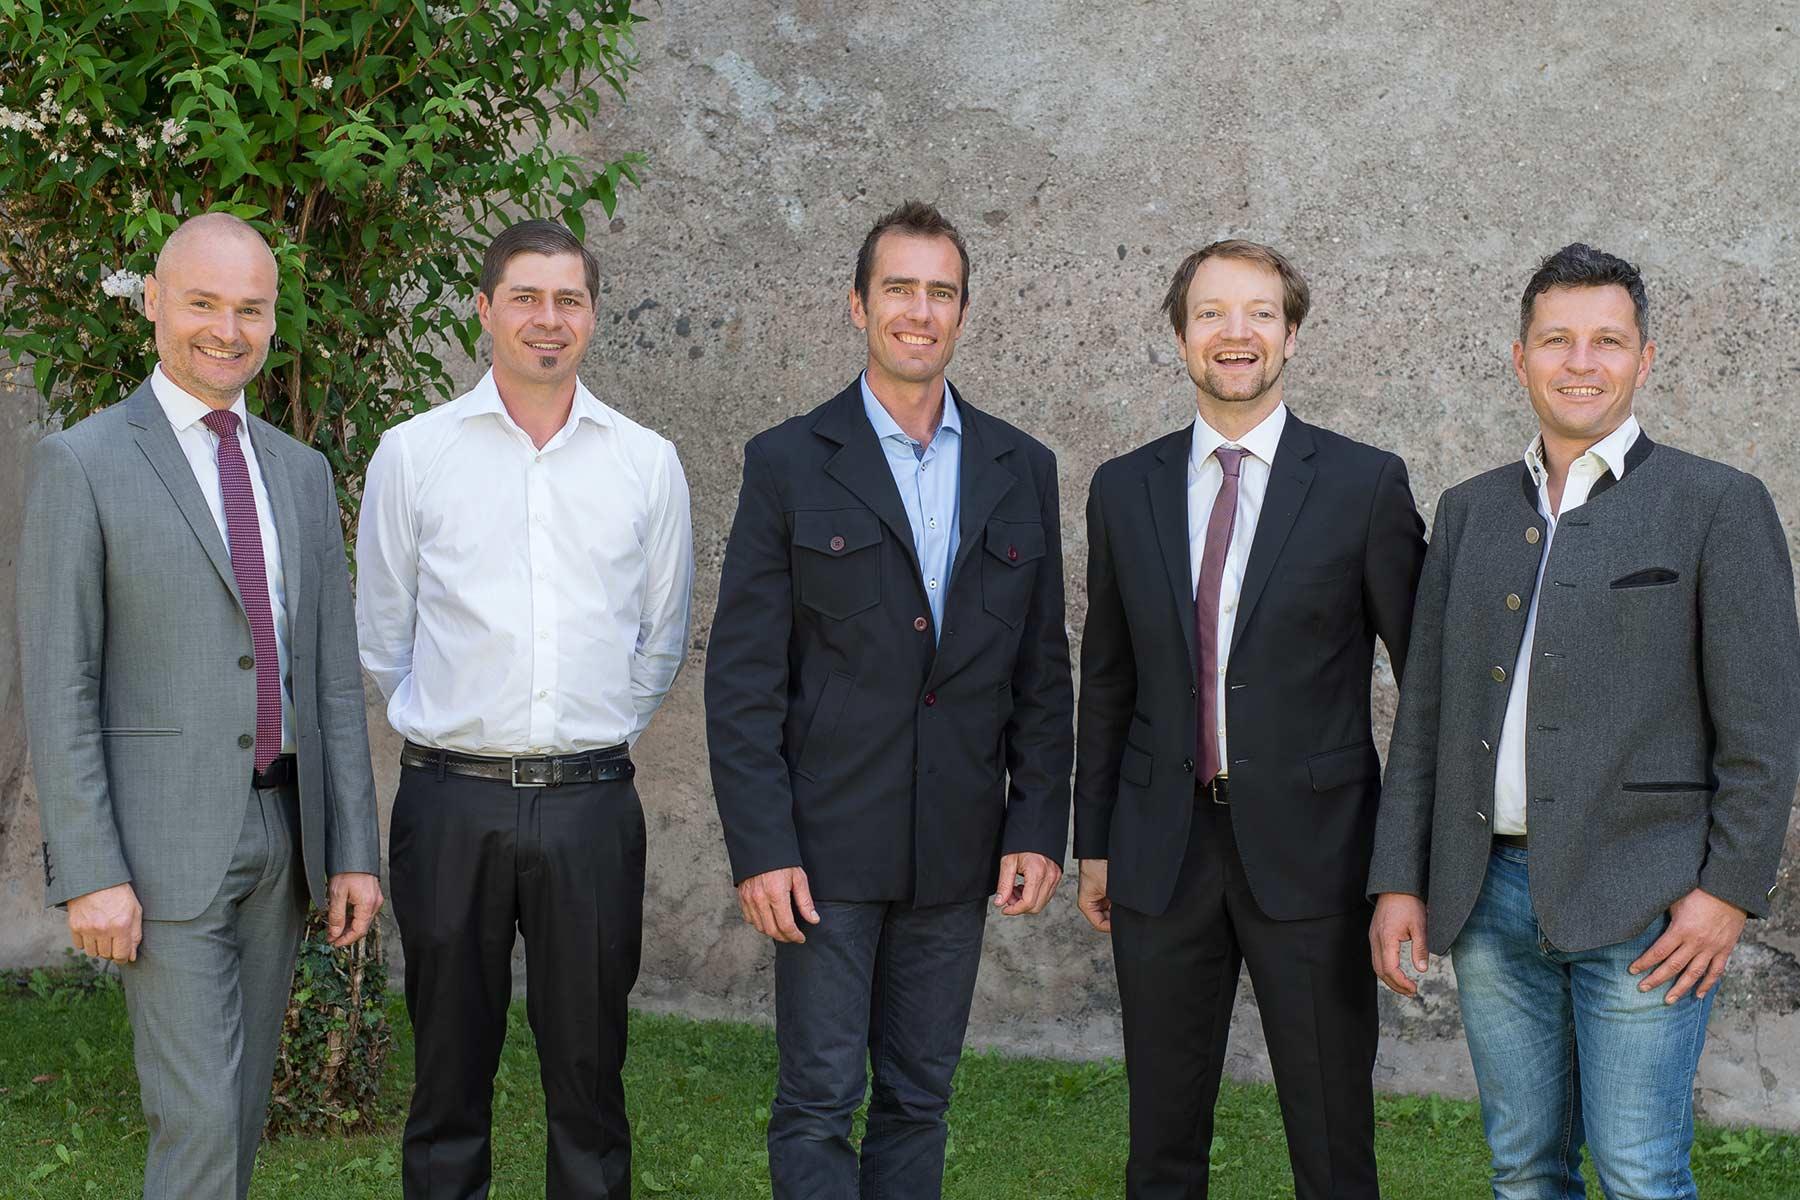 Bozen Stadt und LandSüd-Tiroler Freiheit stellt Landtagskandidaten vor